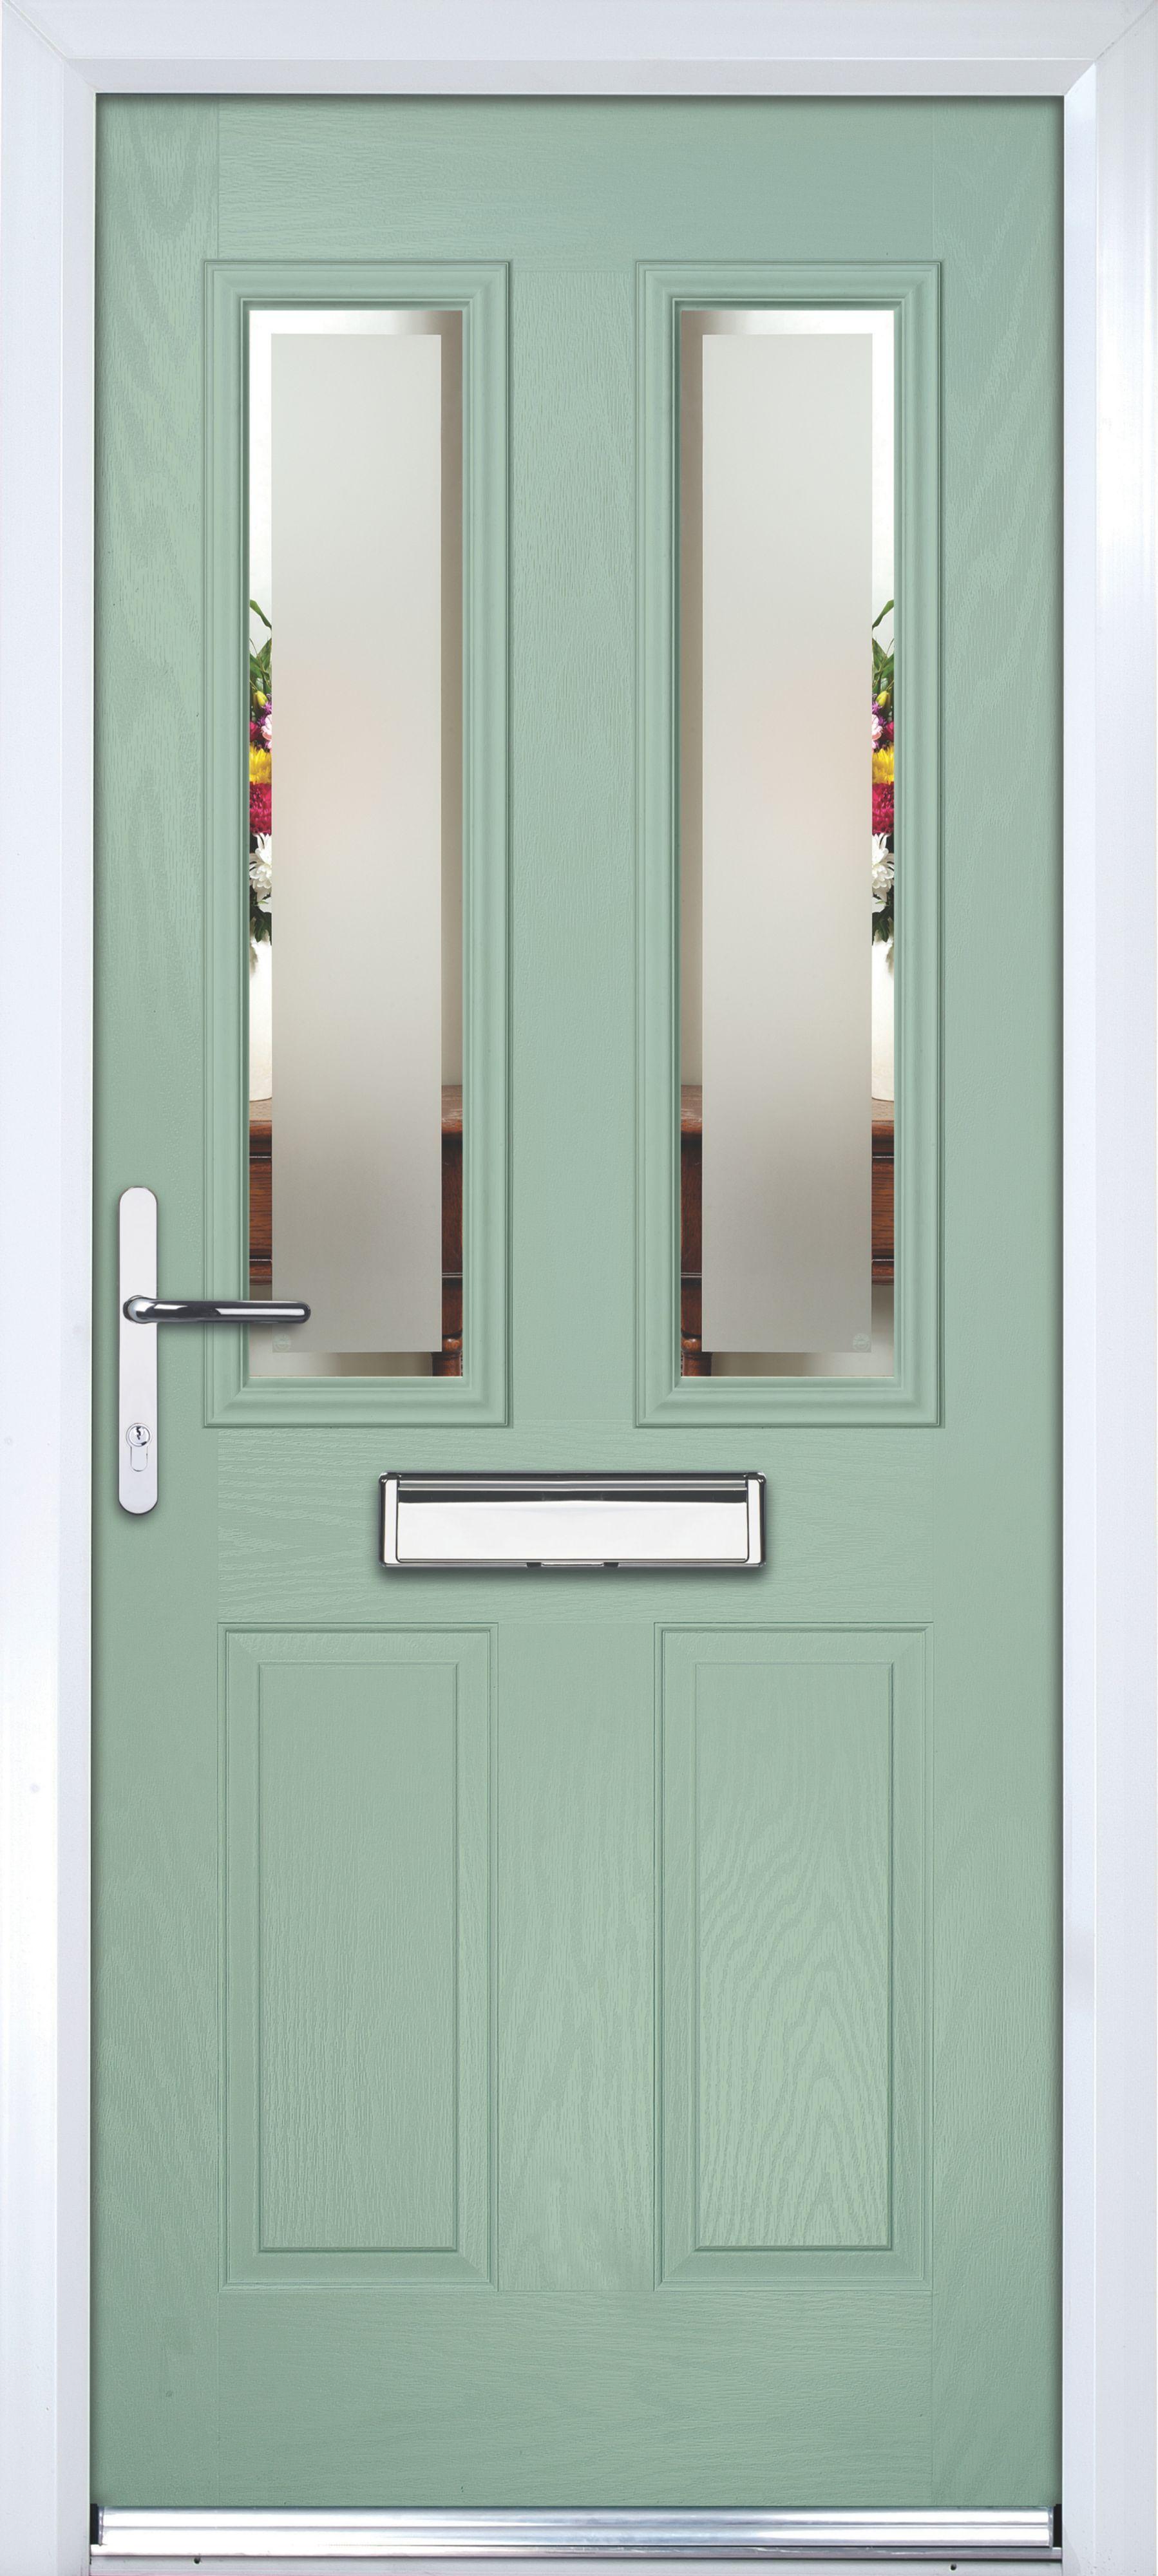 Composite Green Pvcu Grp Glazed External Front Door Frame Rh H